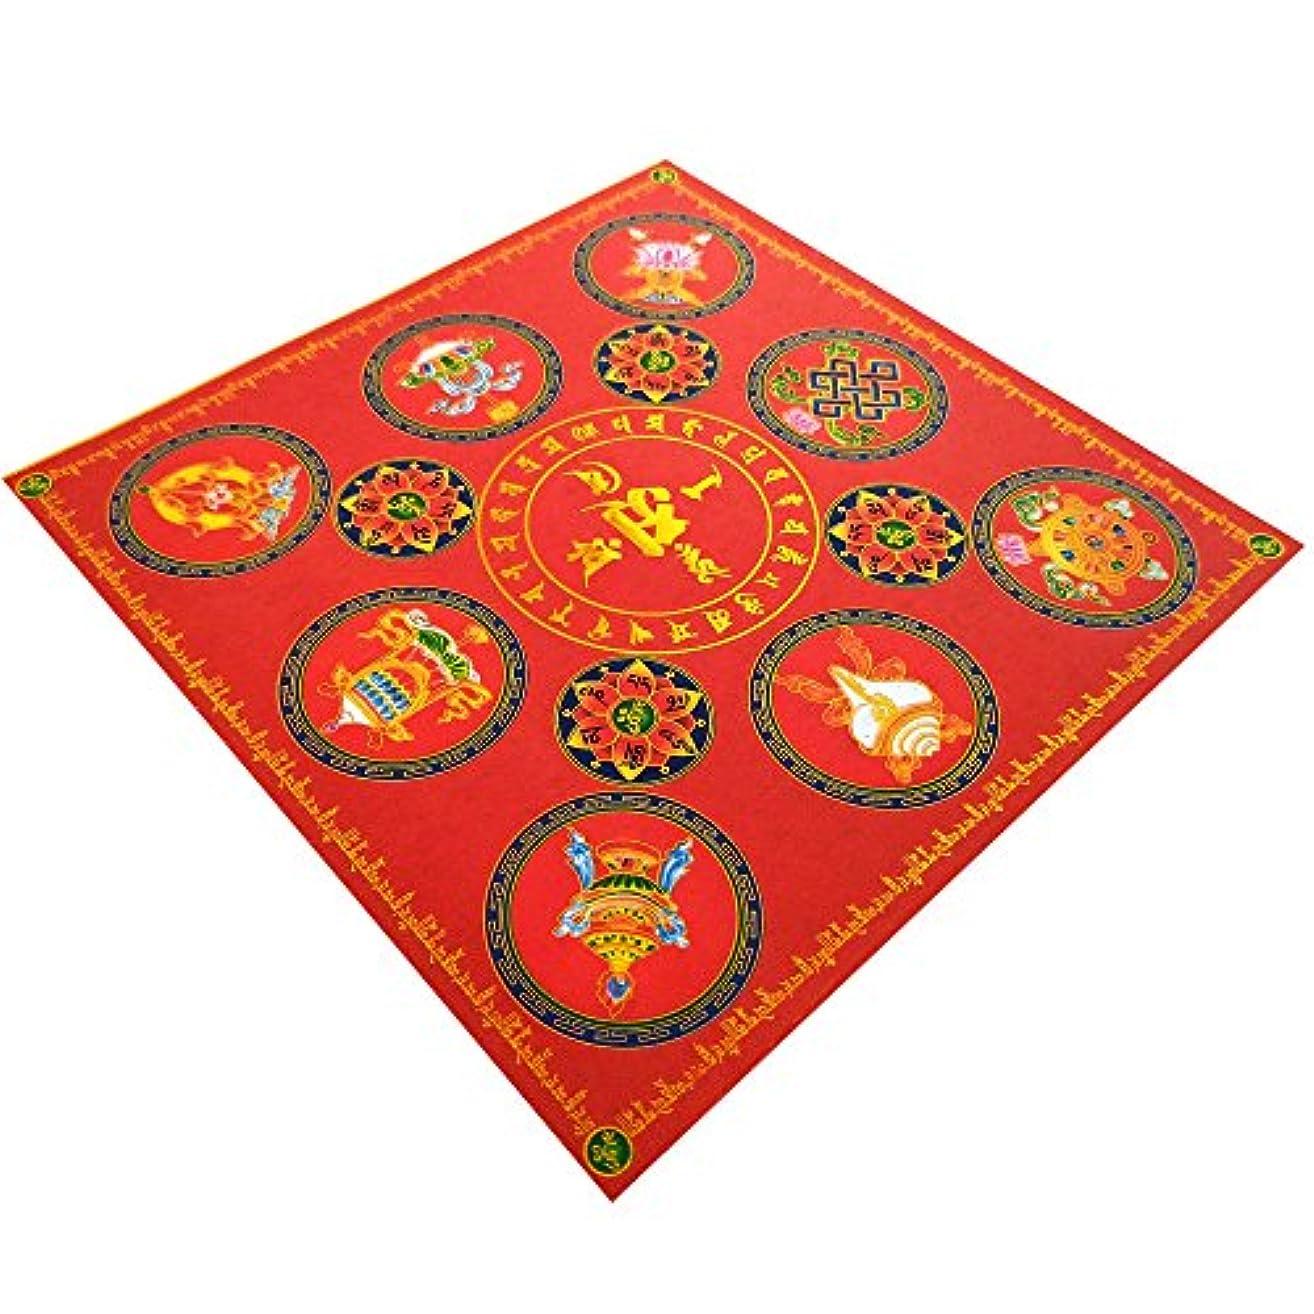 免除する不適切な医薬品zeestar祖先Incense用紙/ゴーストお金の祖先Praying 7.6インチx 7.6インチ、40個 – 吉祥(Lotus